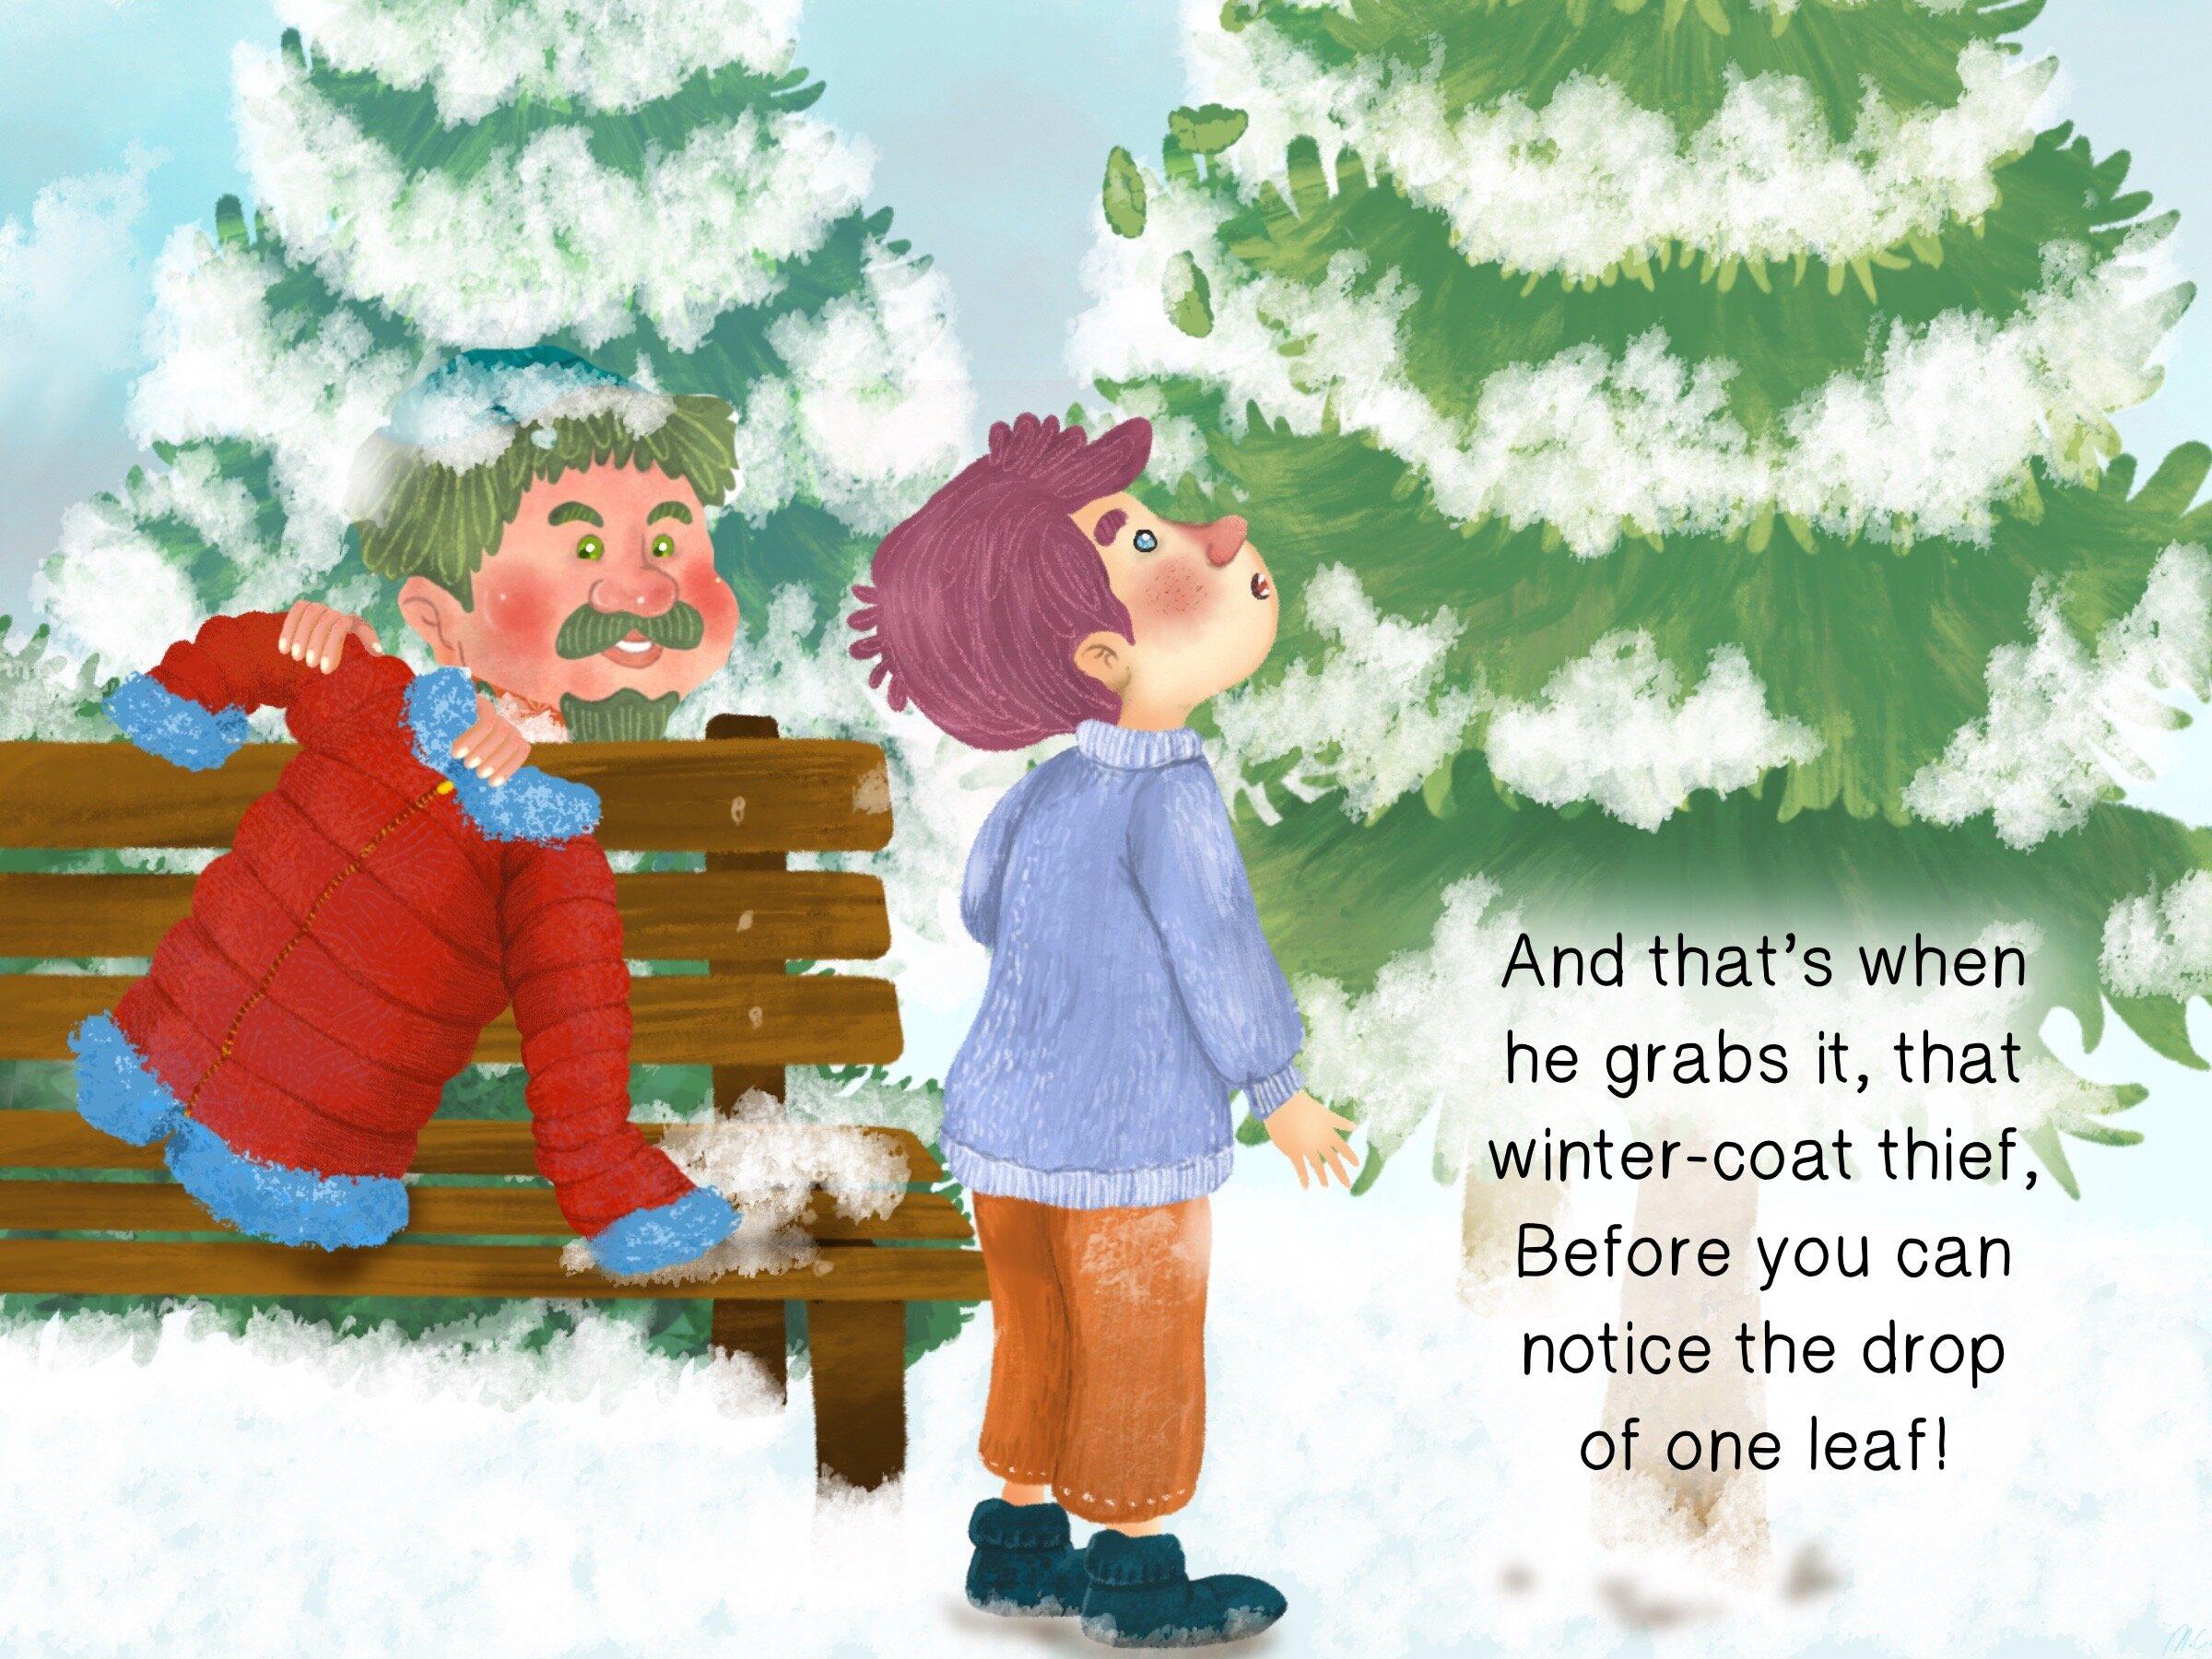 9 Mr. McKay stealing the boy's coat which he took off when he felt like it was warm.JPG